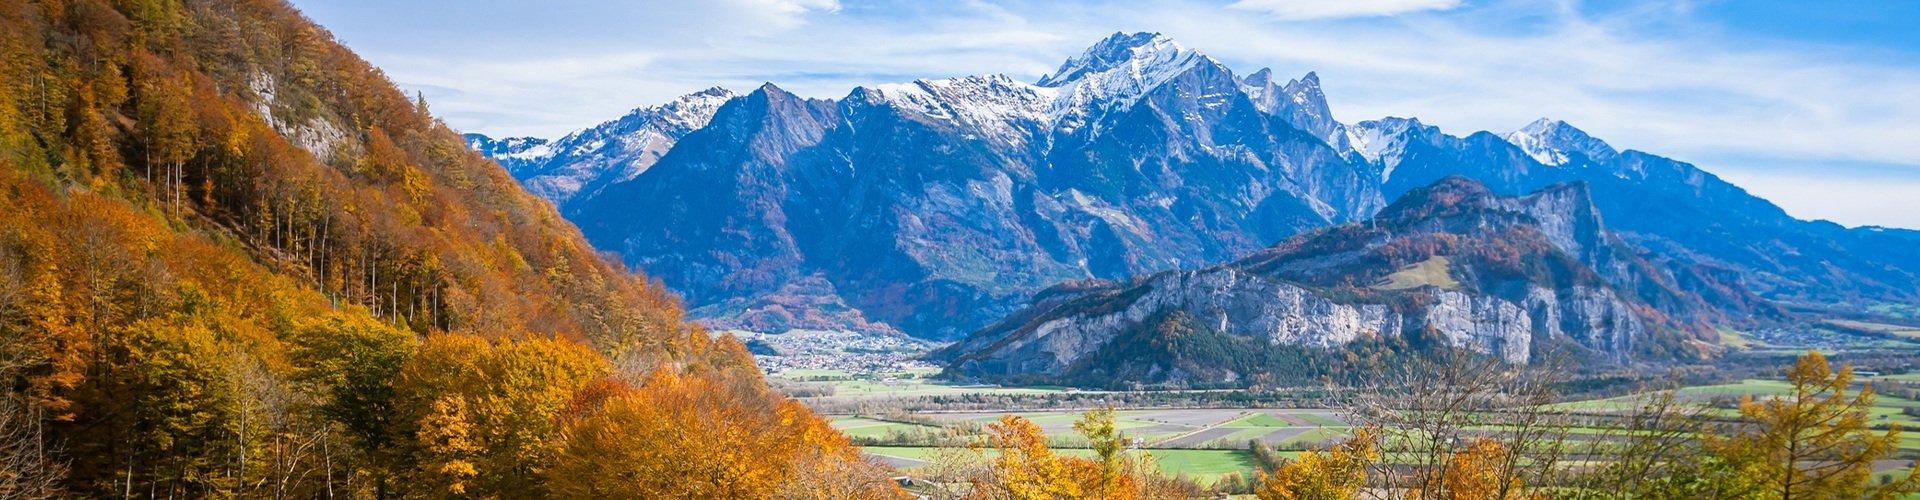 Familienurlaub in Liechtenstein